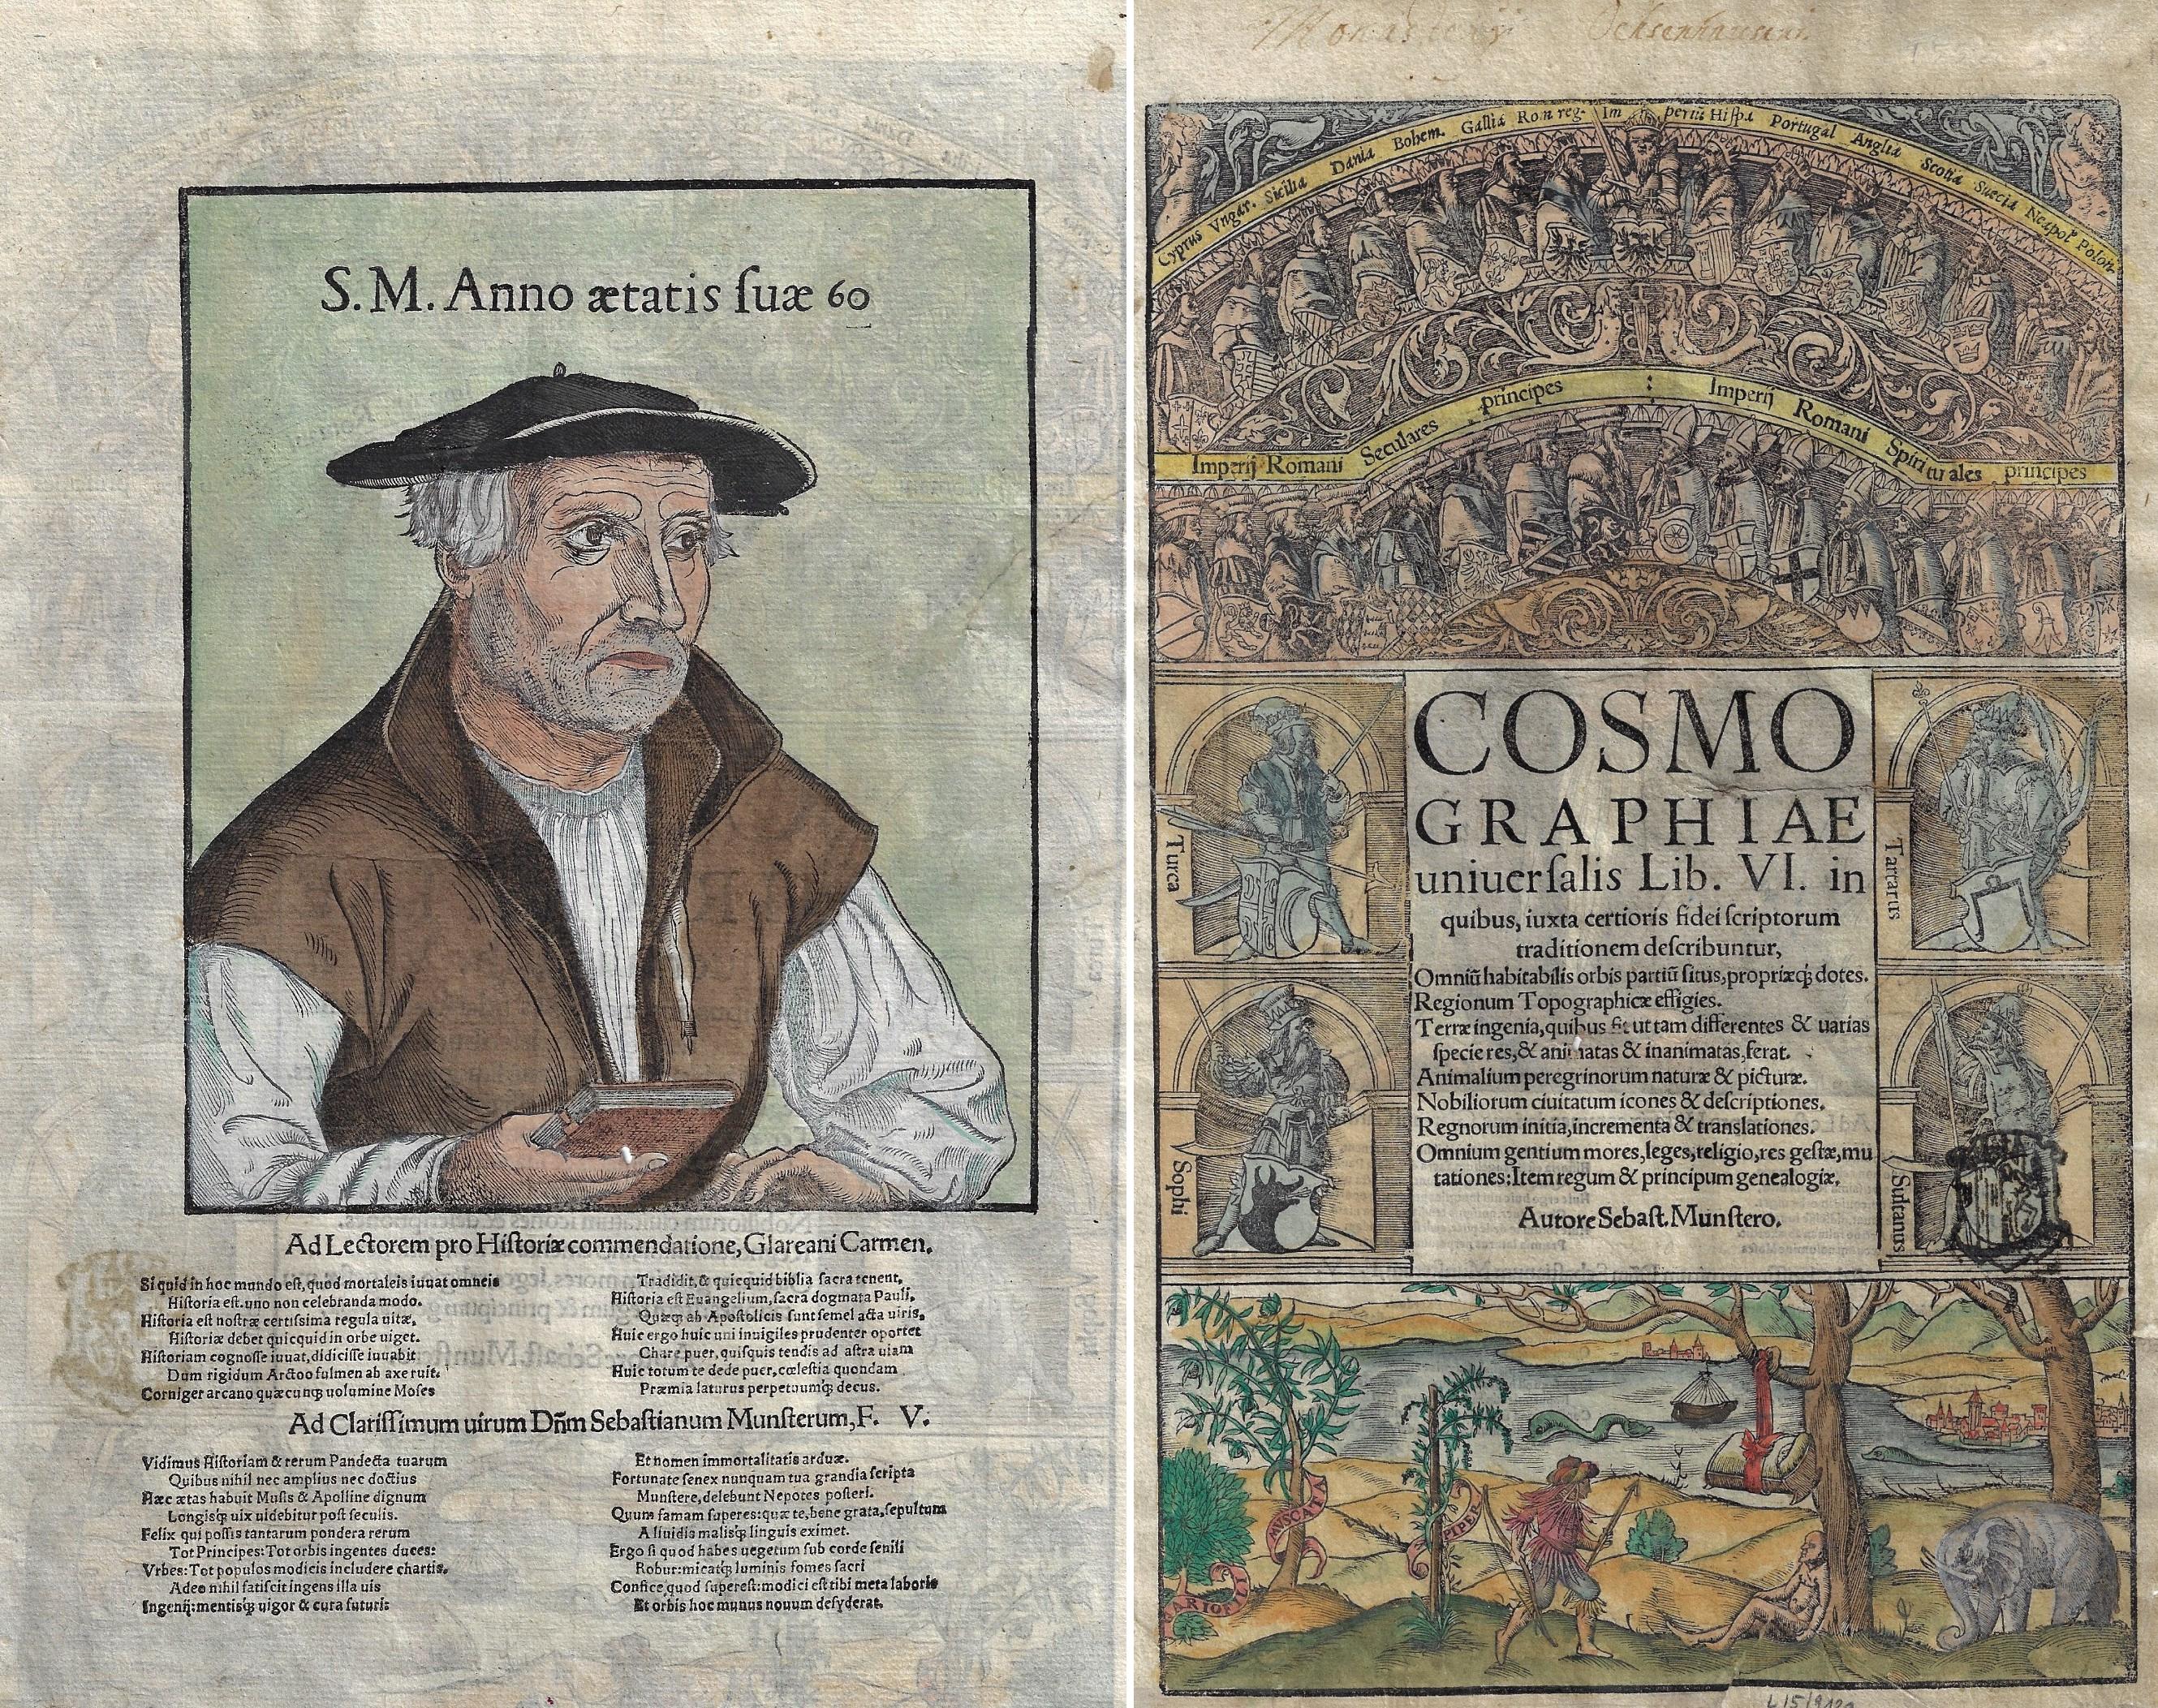 Münster Sebastian Cosmographiae universalis Lib. VI. in quibus, iucta certioris fidei scriptorum traditionem describuntur,.. Autore Sebast. Mustero.